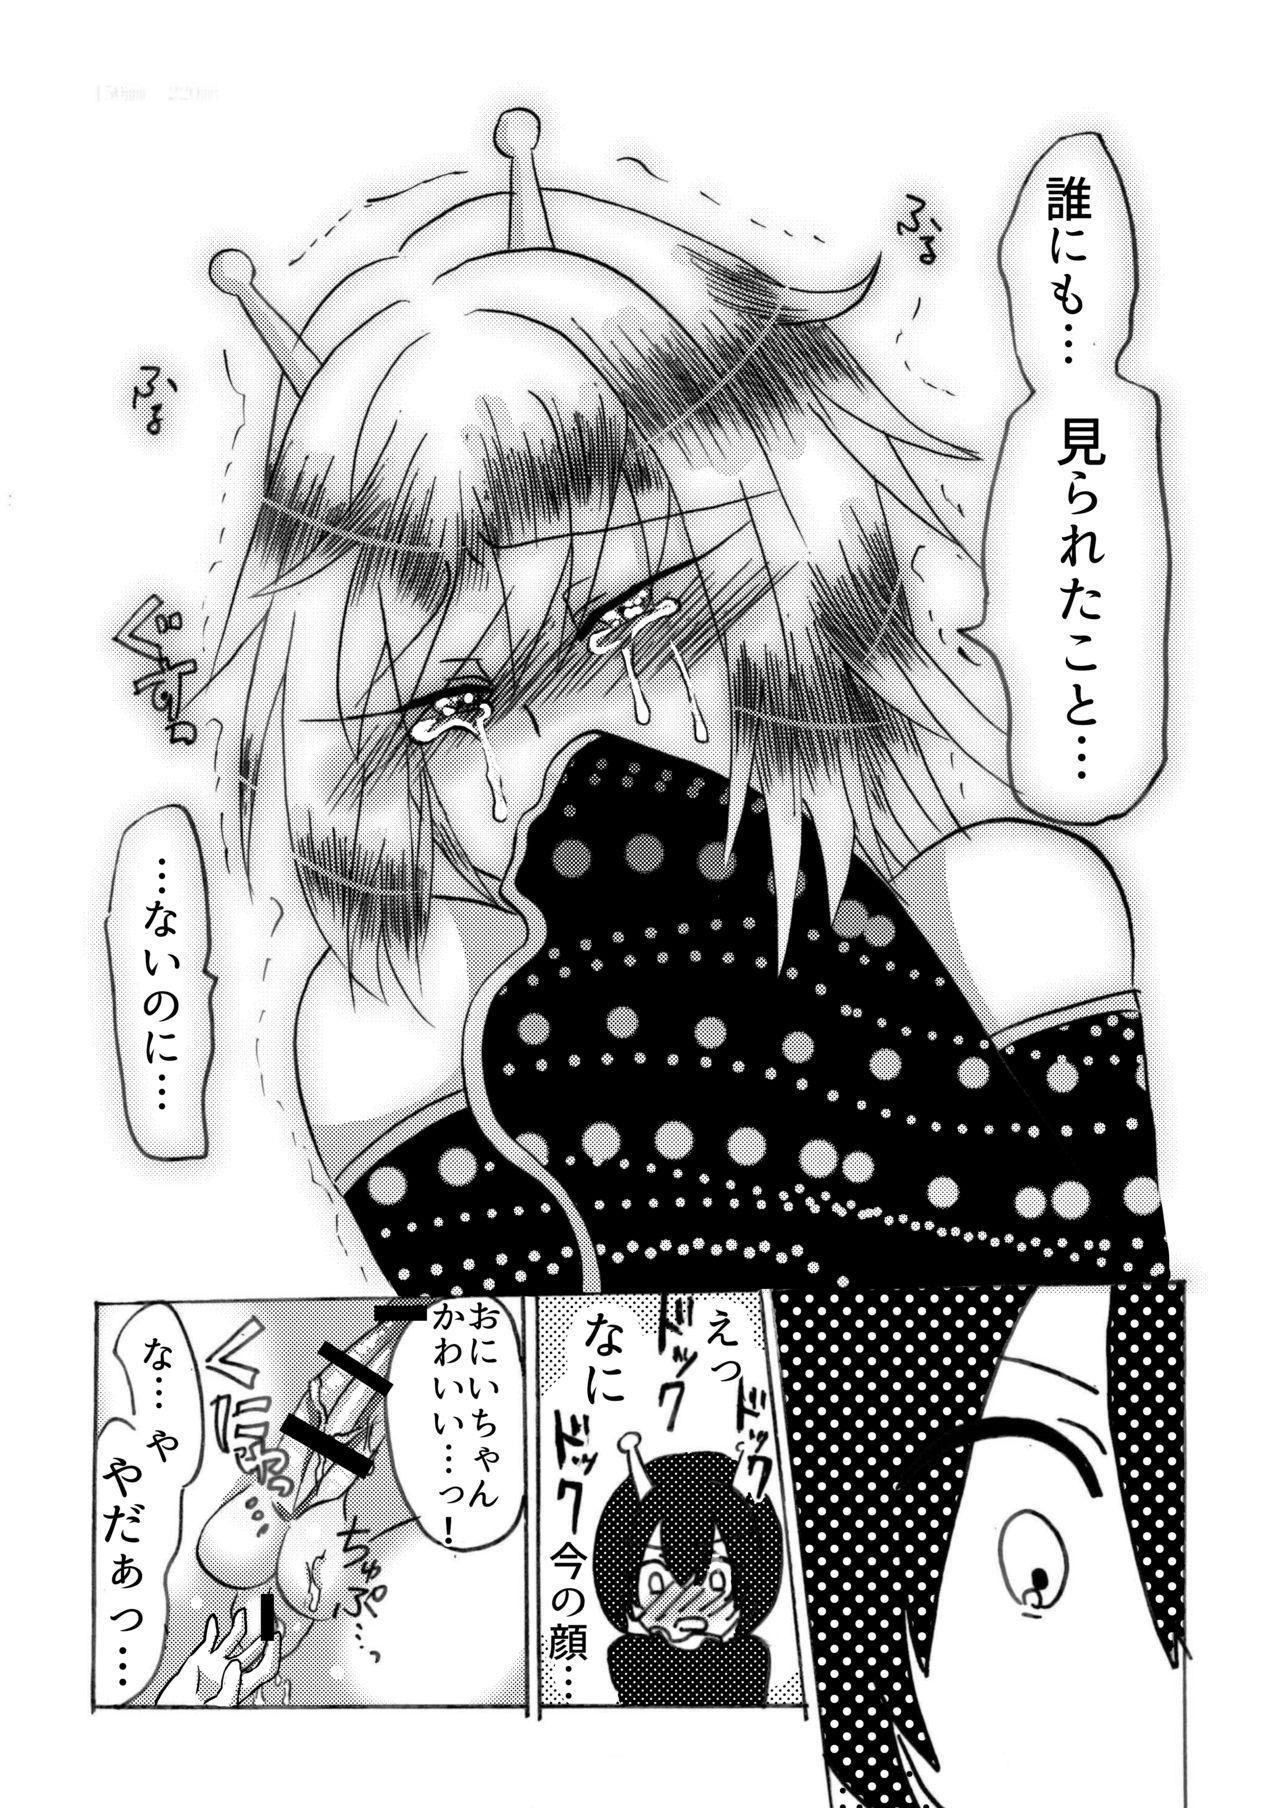 Hira-zoku no Hanashi 18